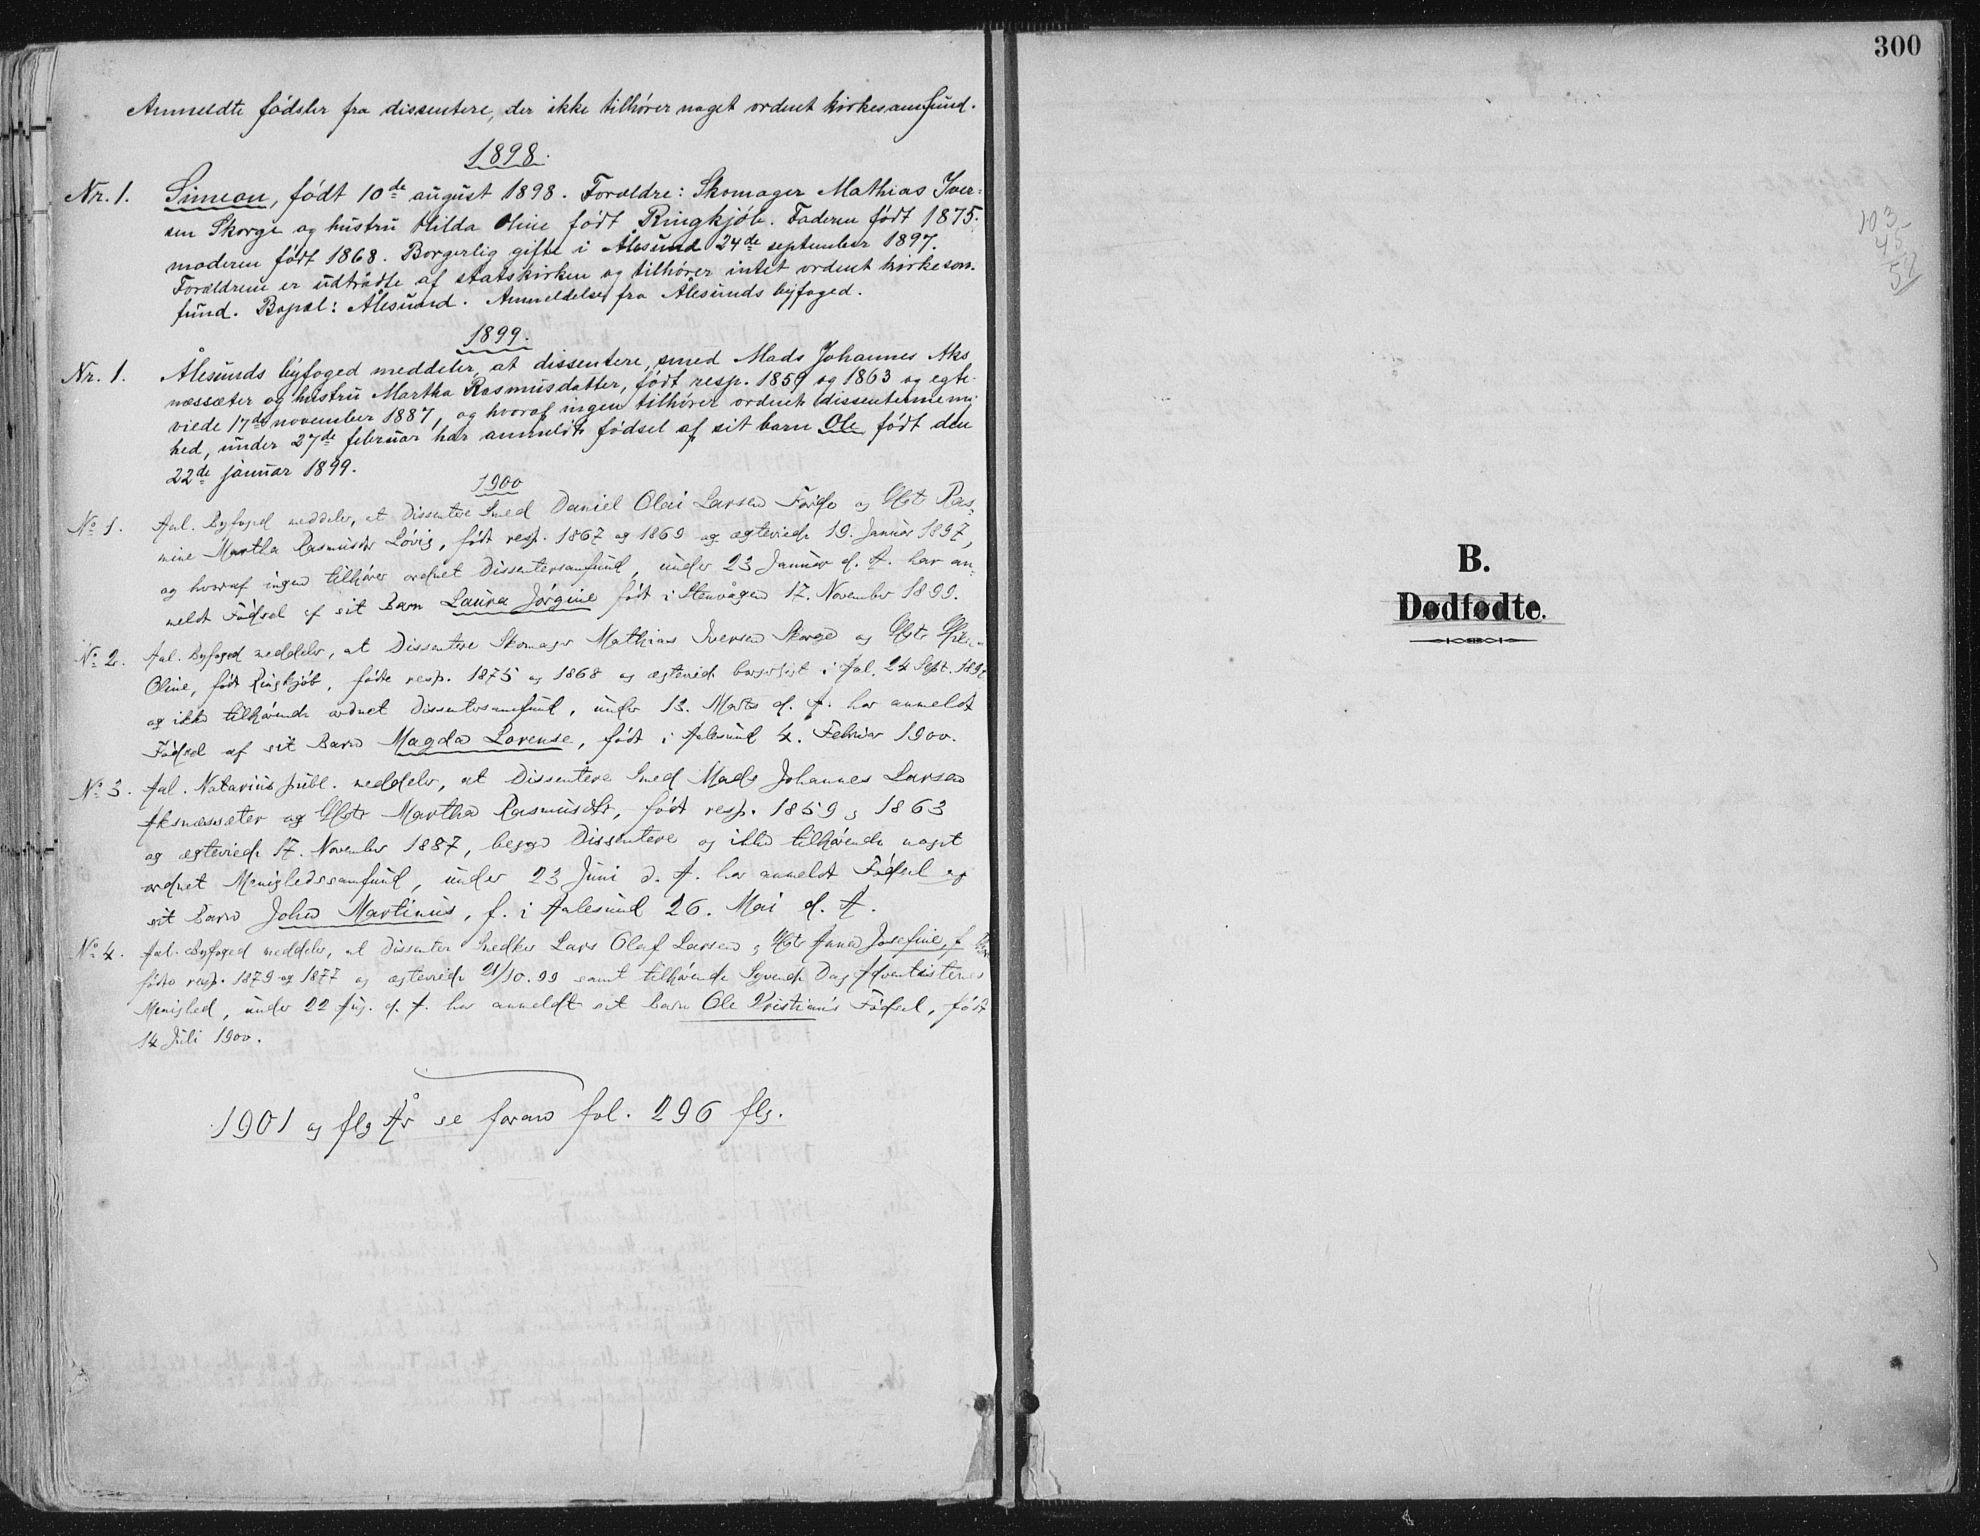 SAT, Ministerialprotokoller, klokkerbøker og fødselsregistre - Møre og Romsdal, 529/L0456: Ministerialbok nr. 529A06, 1894-1906, s. 300